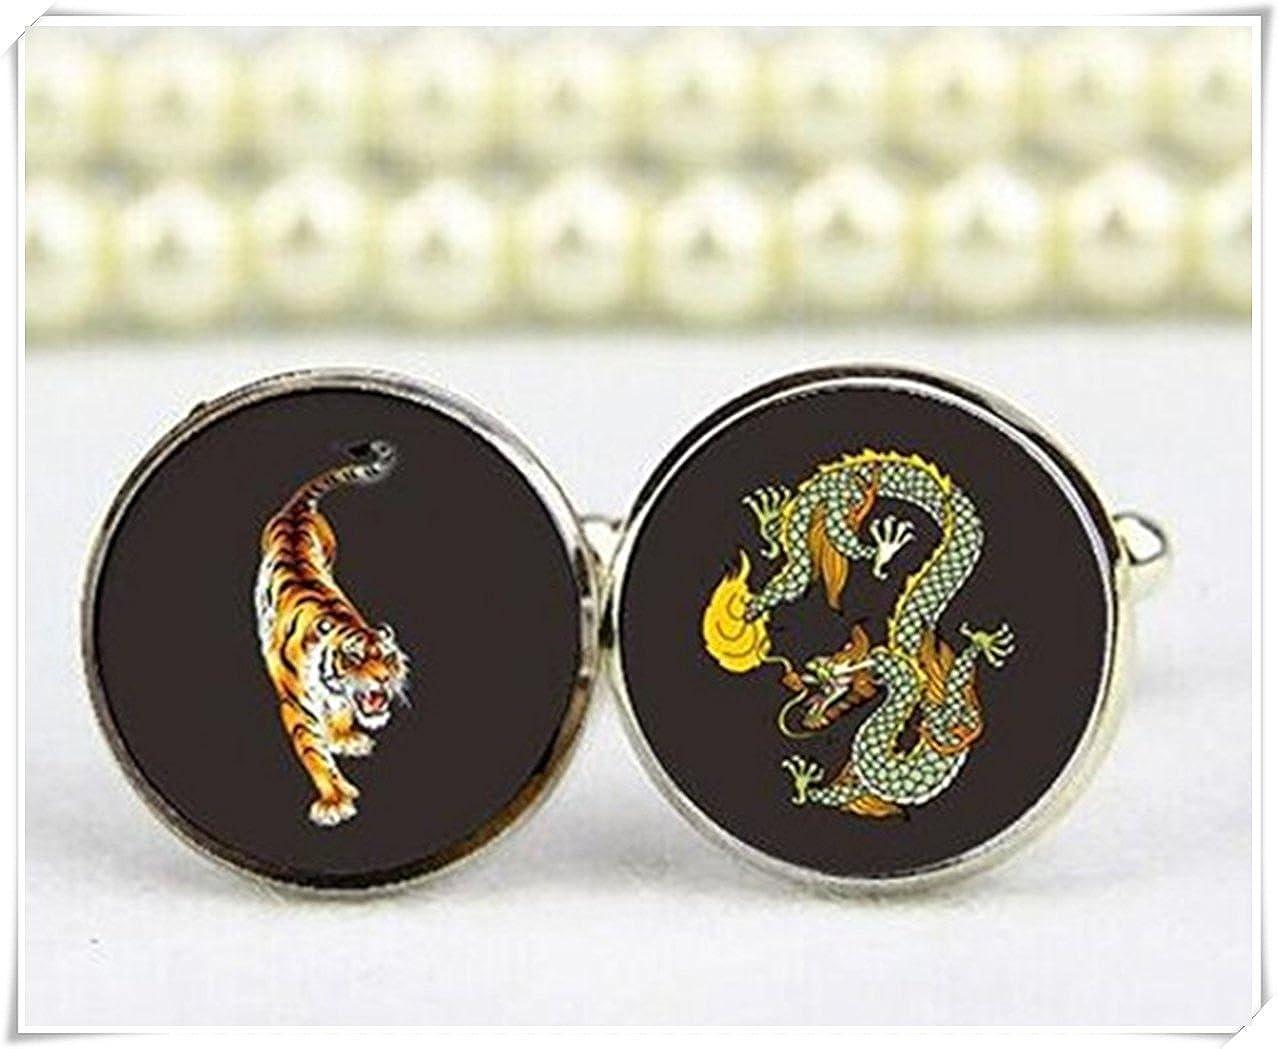 Dragon et tigre Boutons de manchette, personnalisé n'importe quel Texte ou photo Boutons de manchette Black WE34